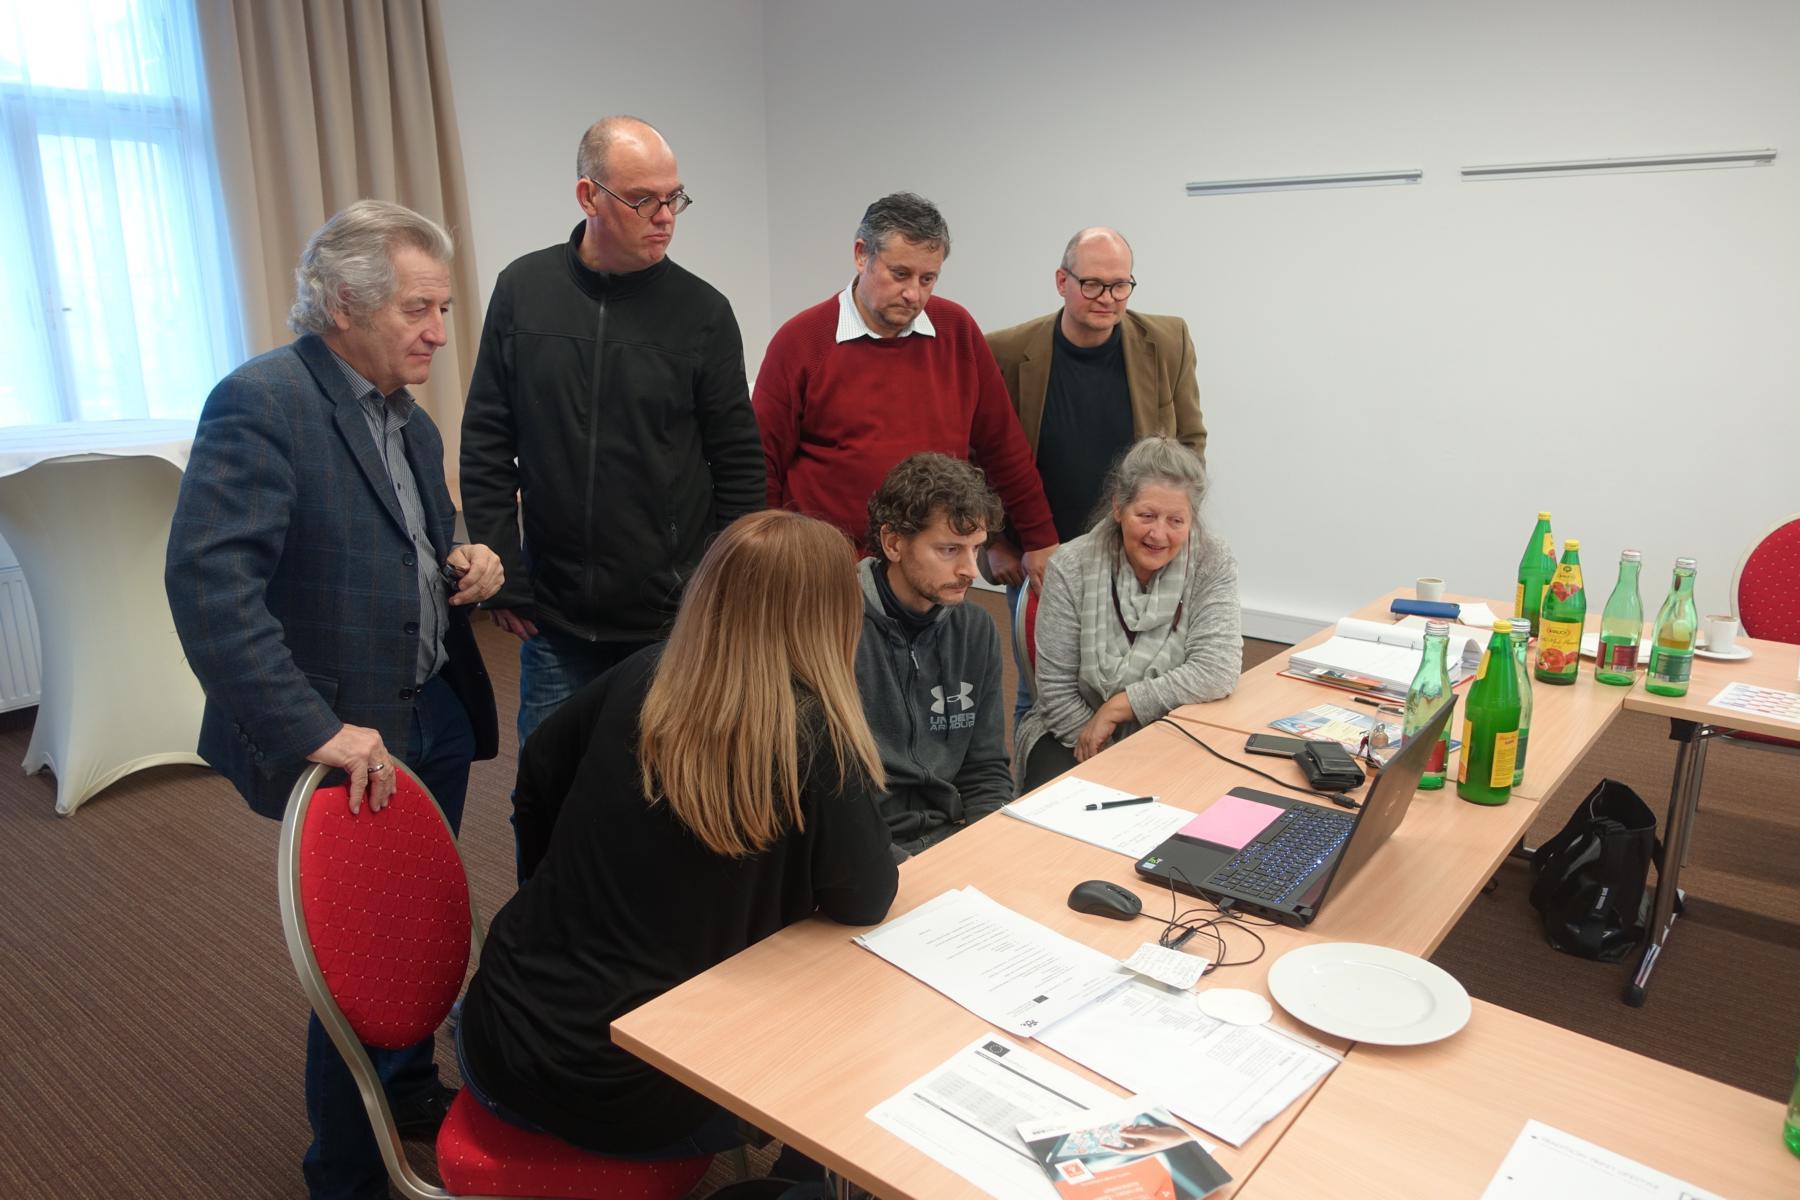 Alle Teilnehmenden blickten gespannt auf den Laptop von Lukas Huber.